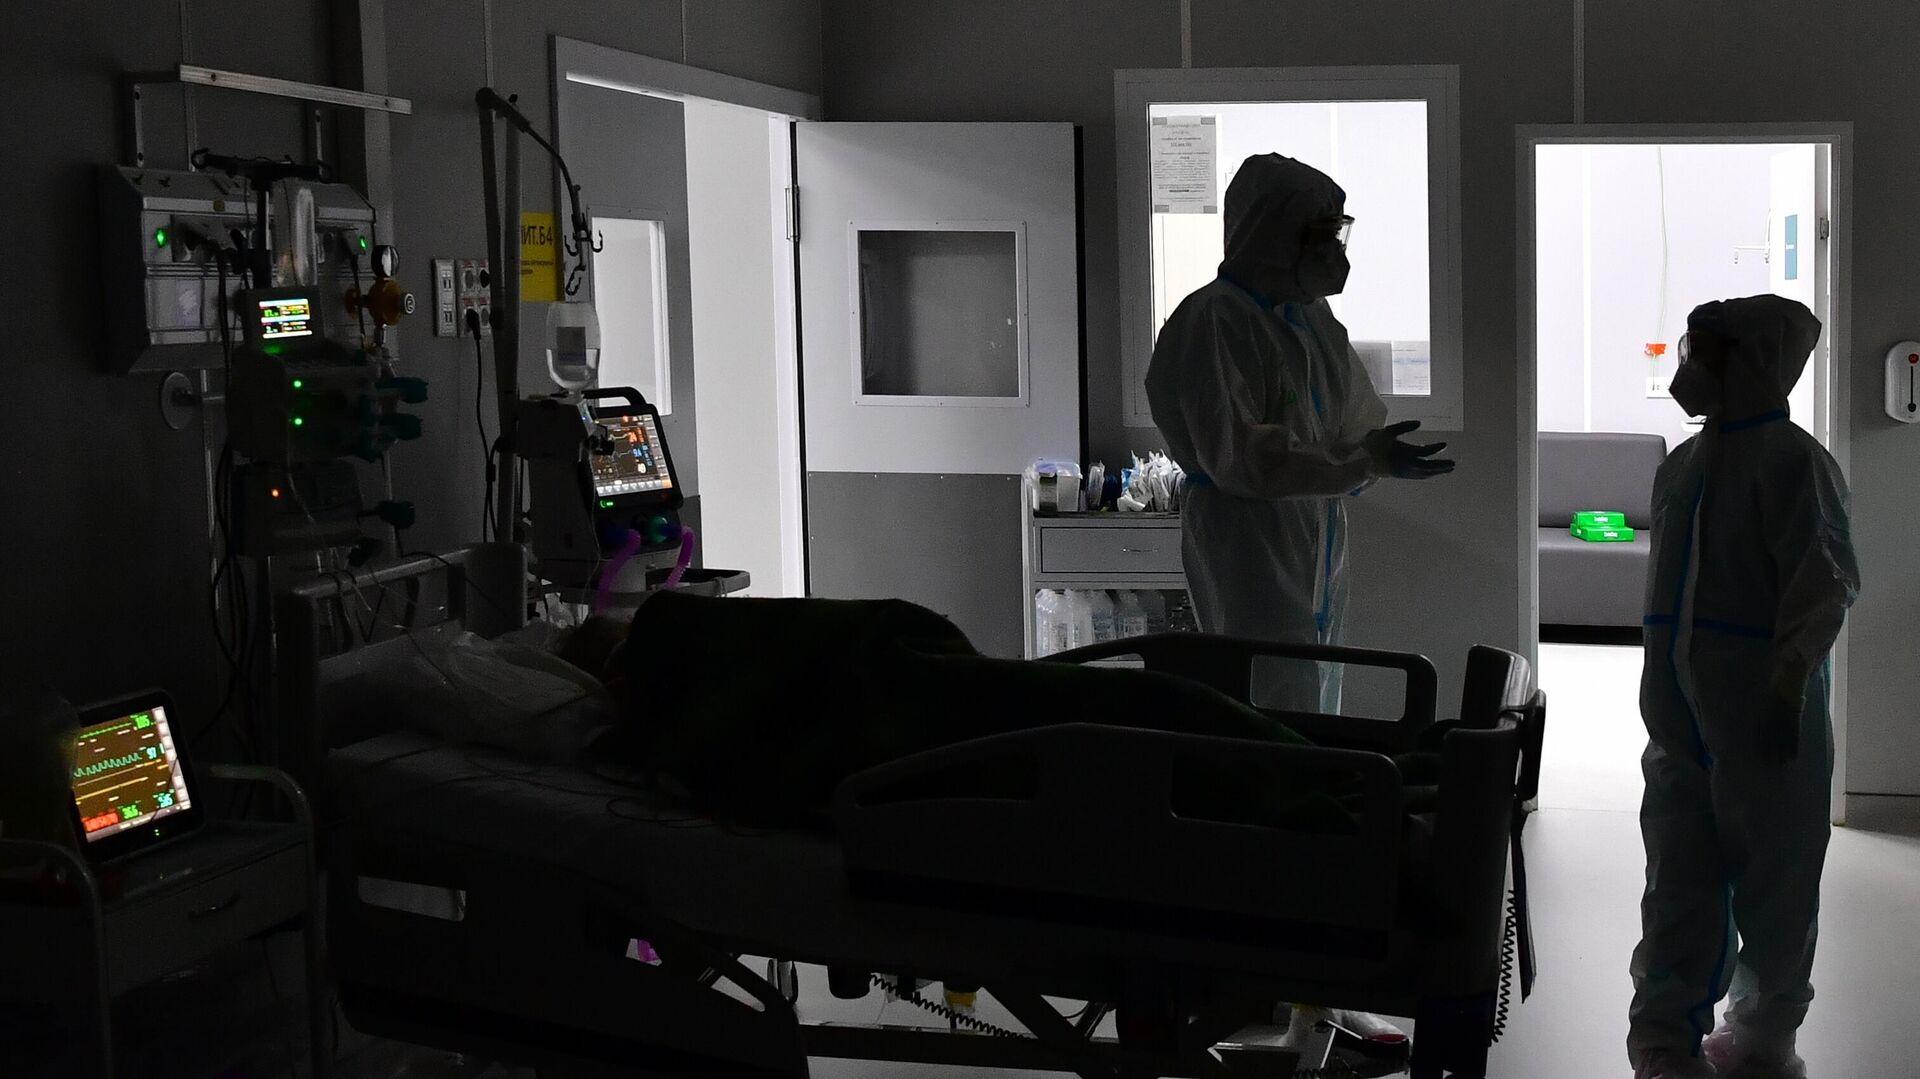 Медицинские работники во временном госпитале для пациентов с COVID-19 в конгрессно-выставочном центре Сокольники в Москве - РИА Новости, 1920, 12.07.2021